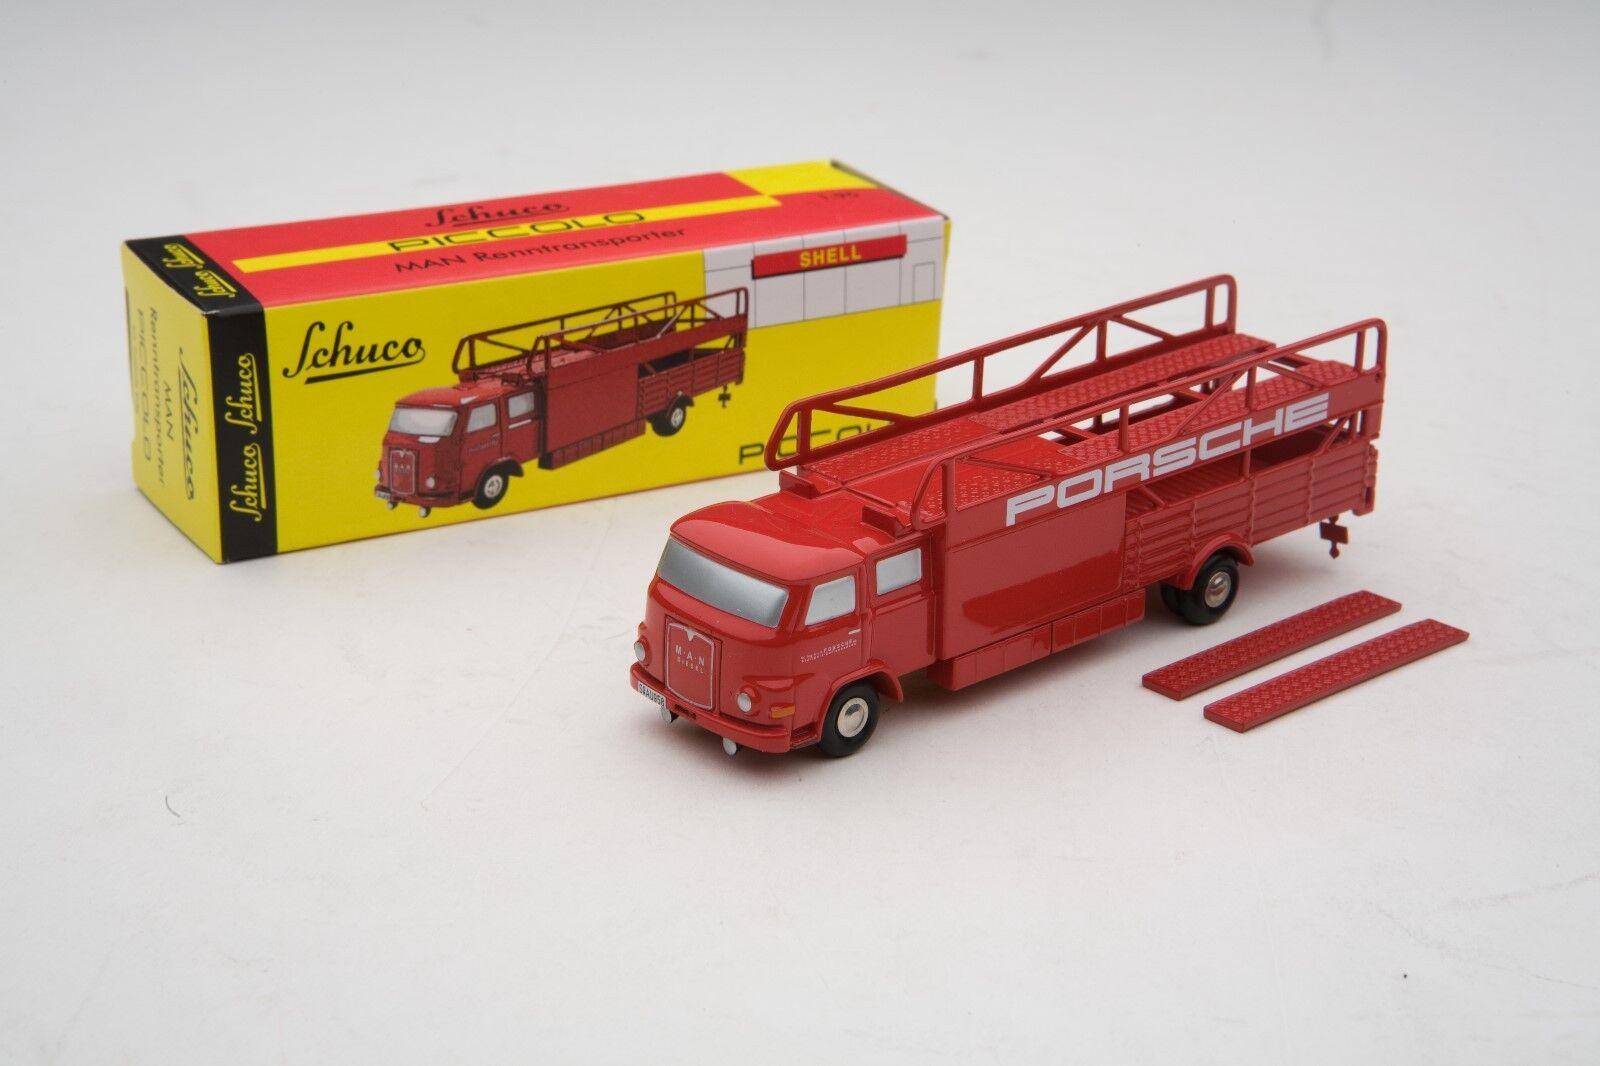 Schuco piccolo   m.a.n. porsche - rennwagen transporter   posten   shu05895